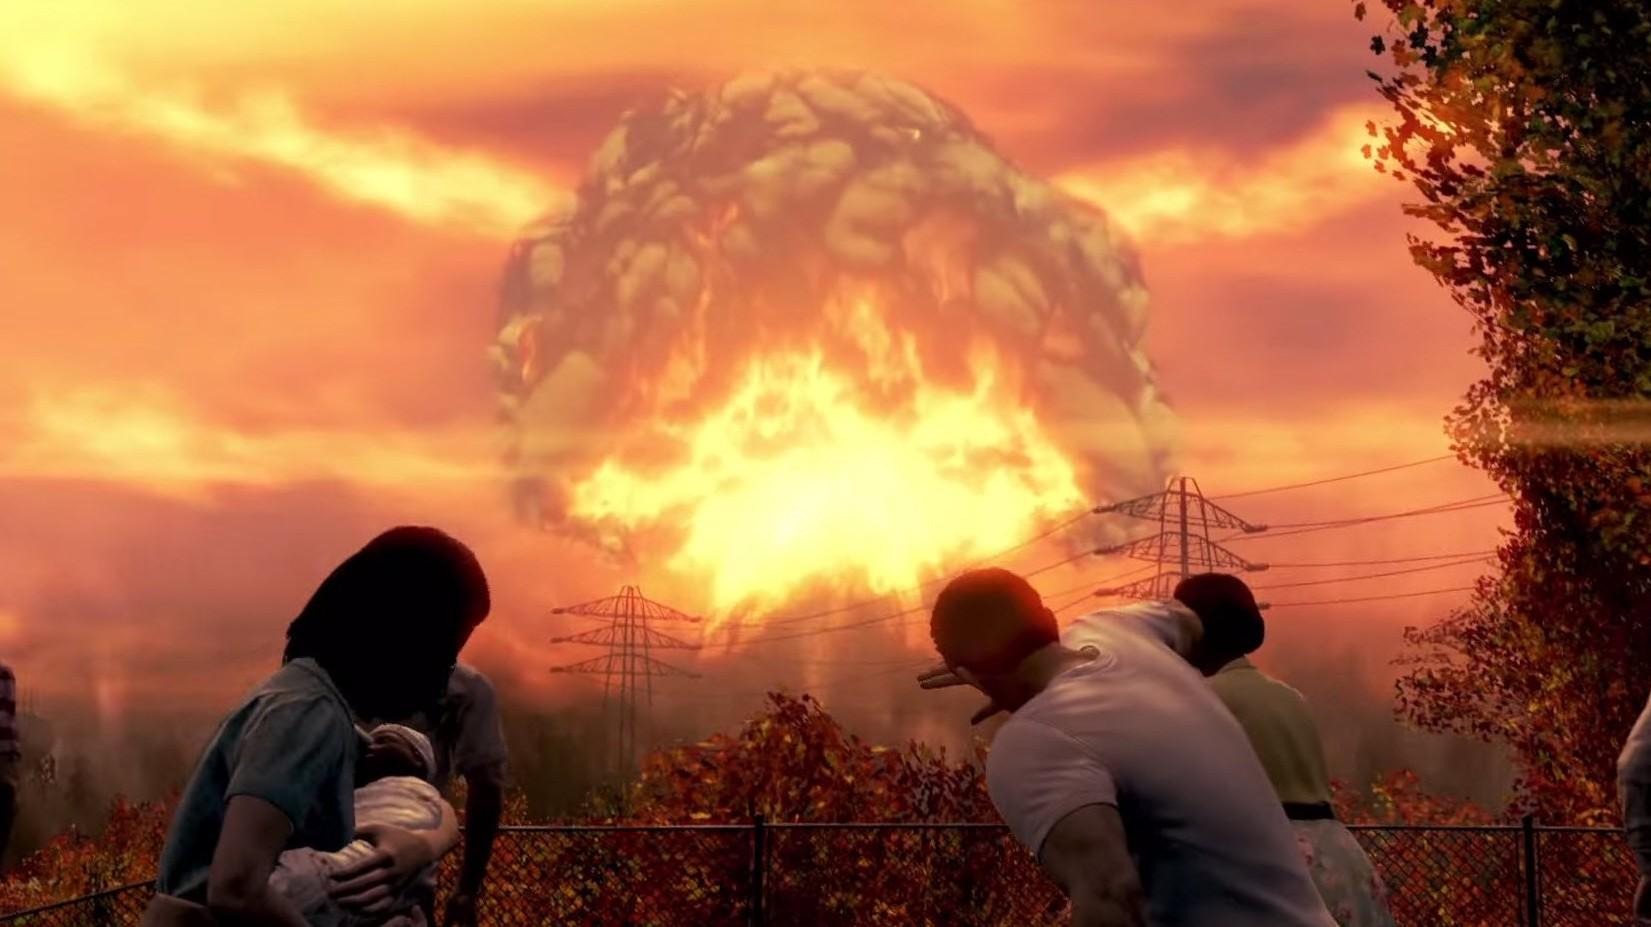 fallout4-la bomba caduta a sanctuary hills